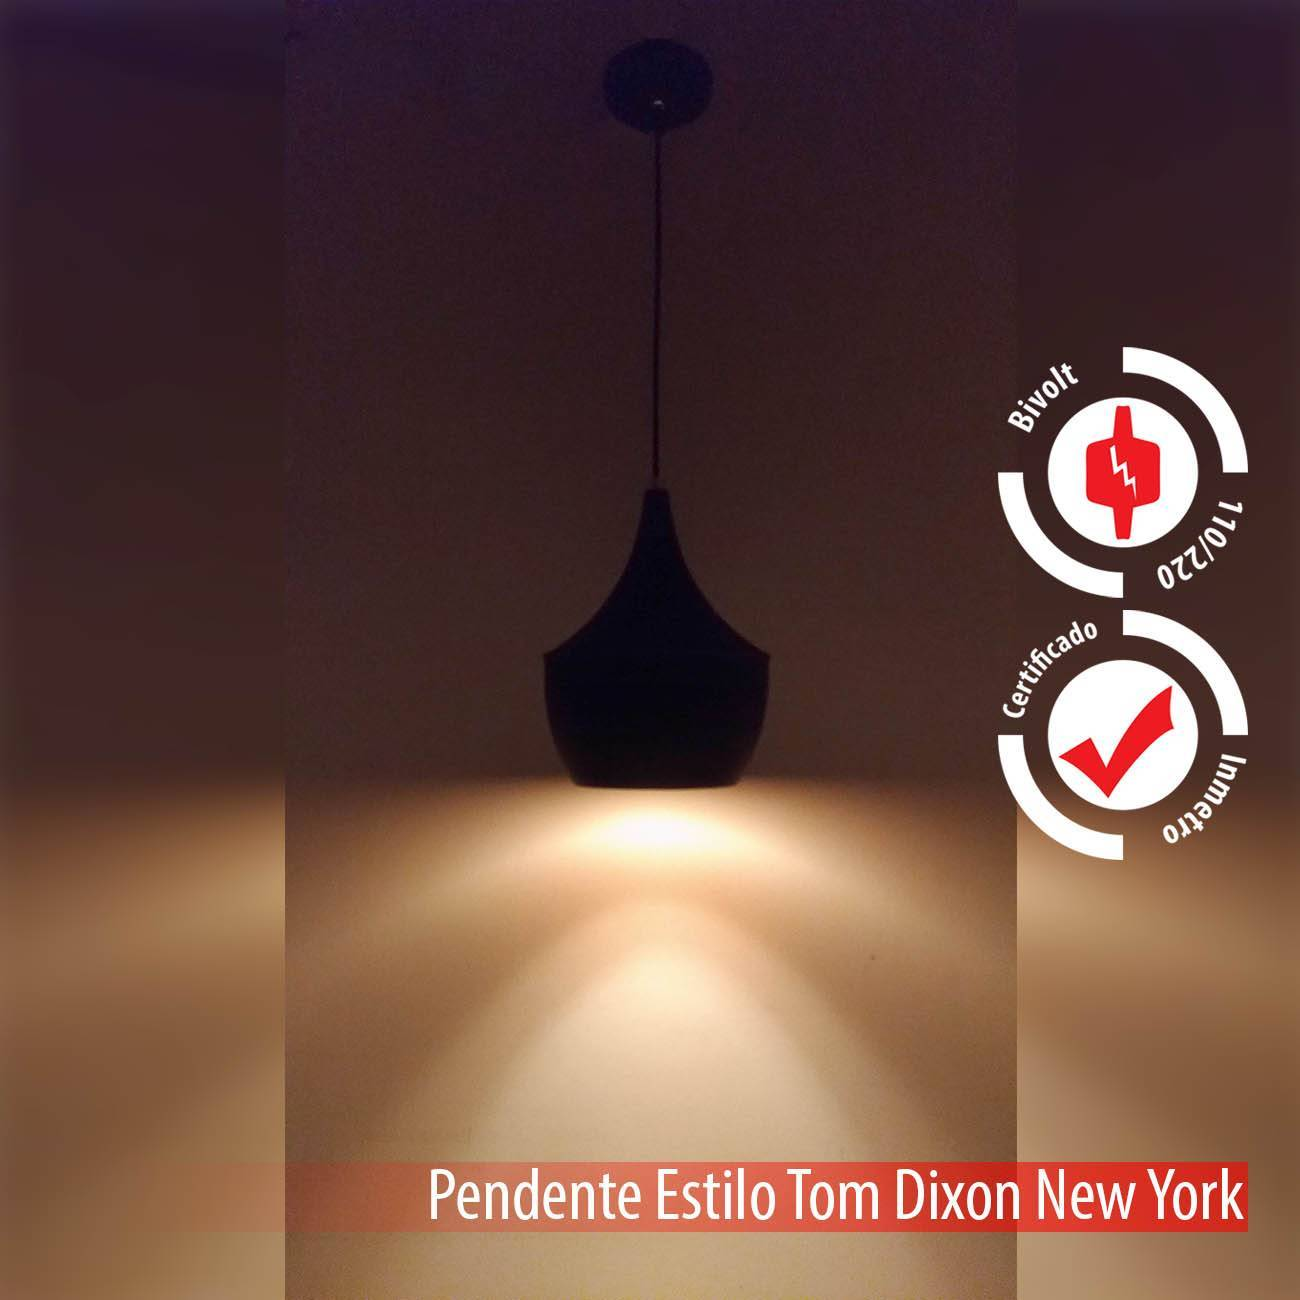 Pendente Tom Dixon Preto E Cobre New York Alumínio E27 - LCGELETRO